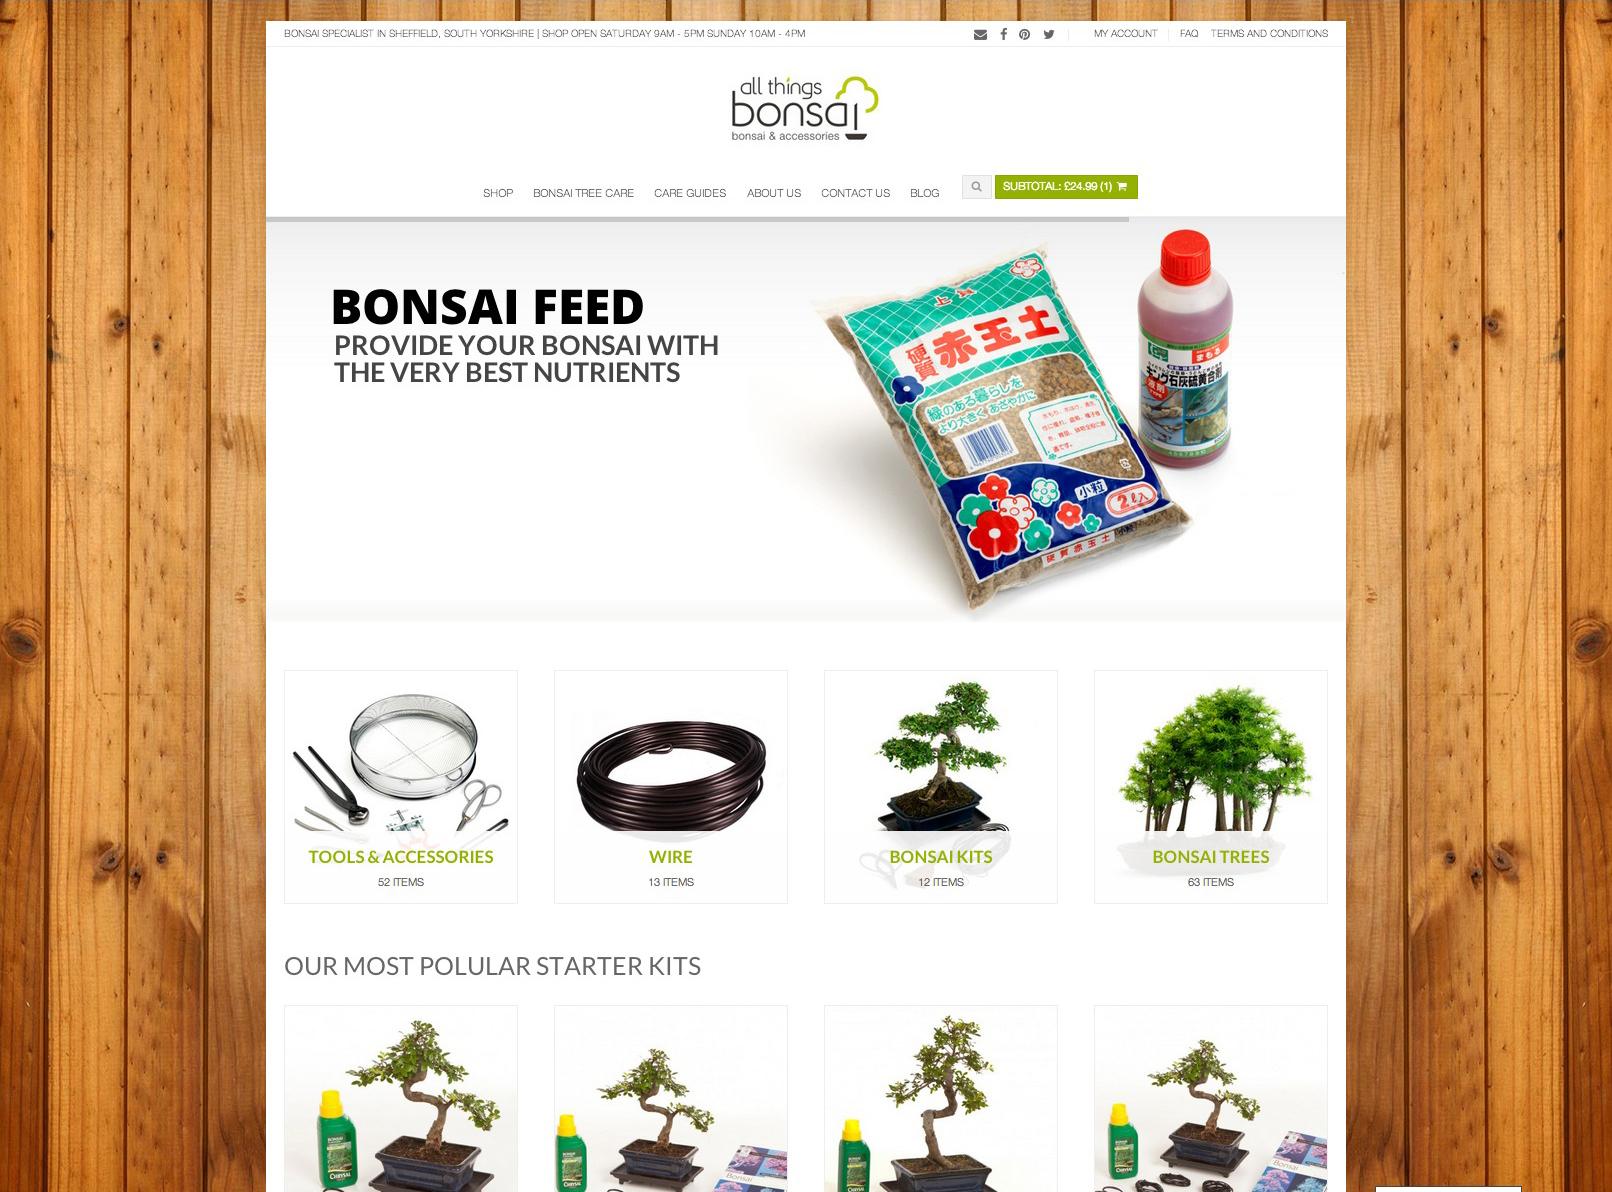 All Things Bonsai